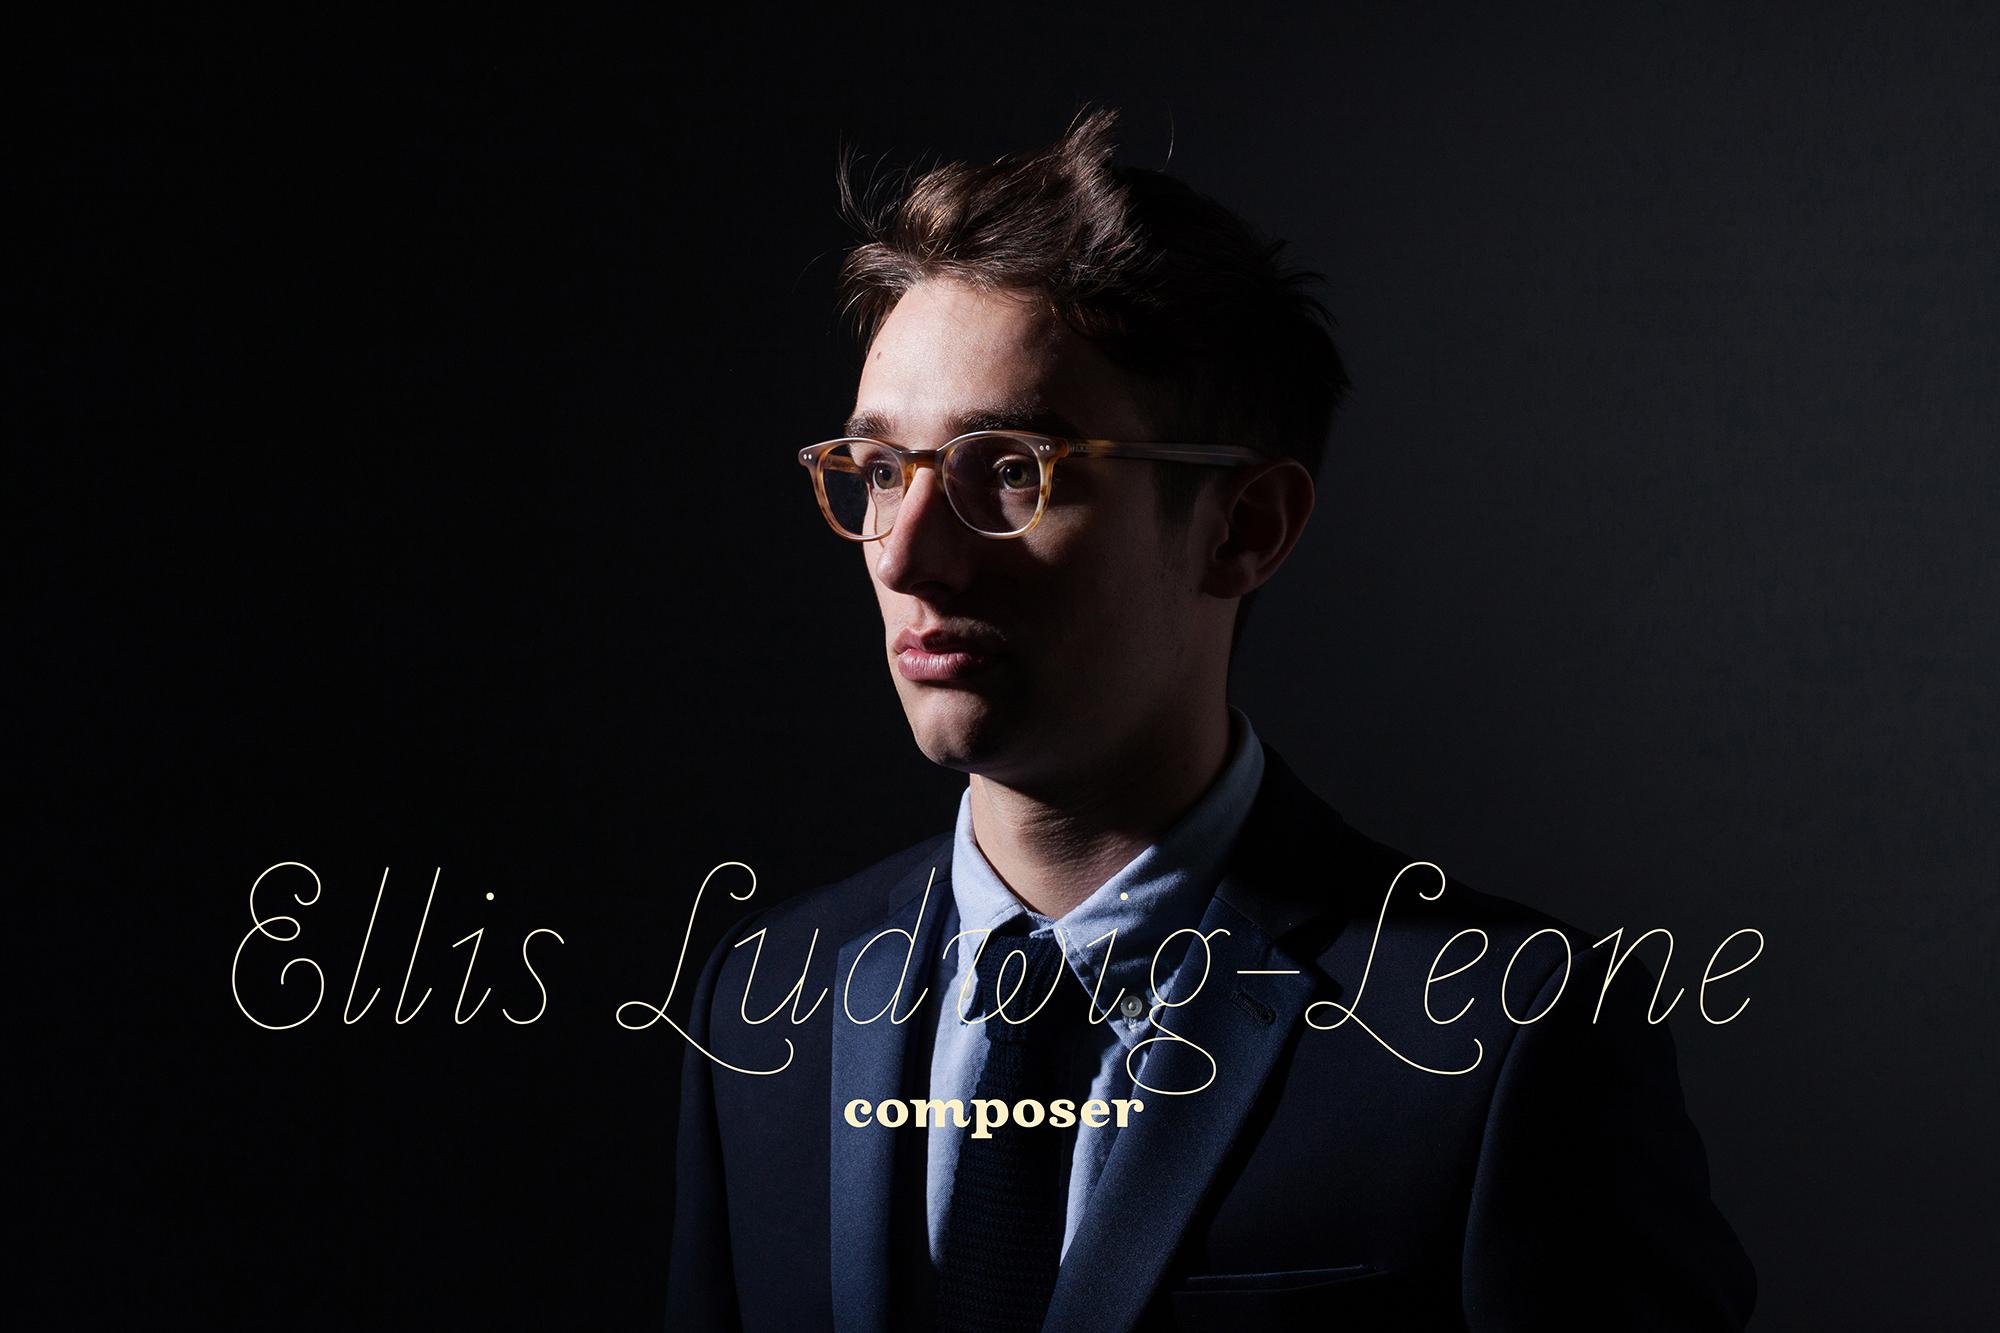 Ellis_name2.jpg